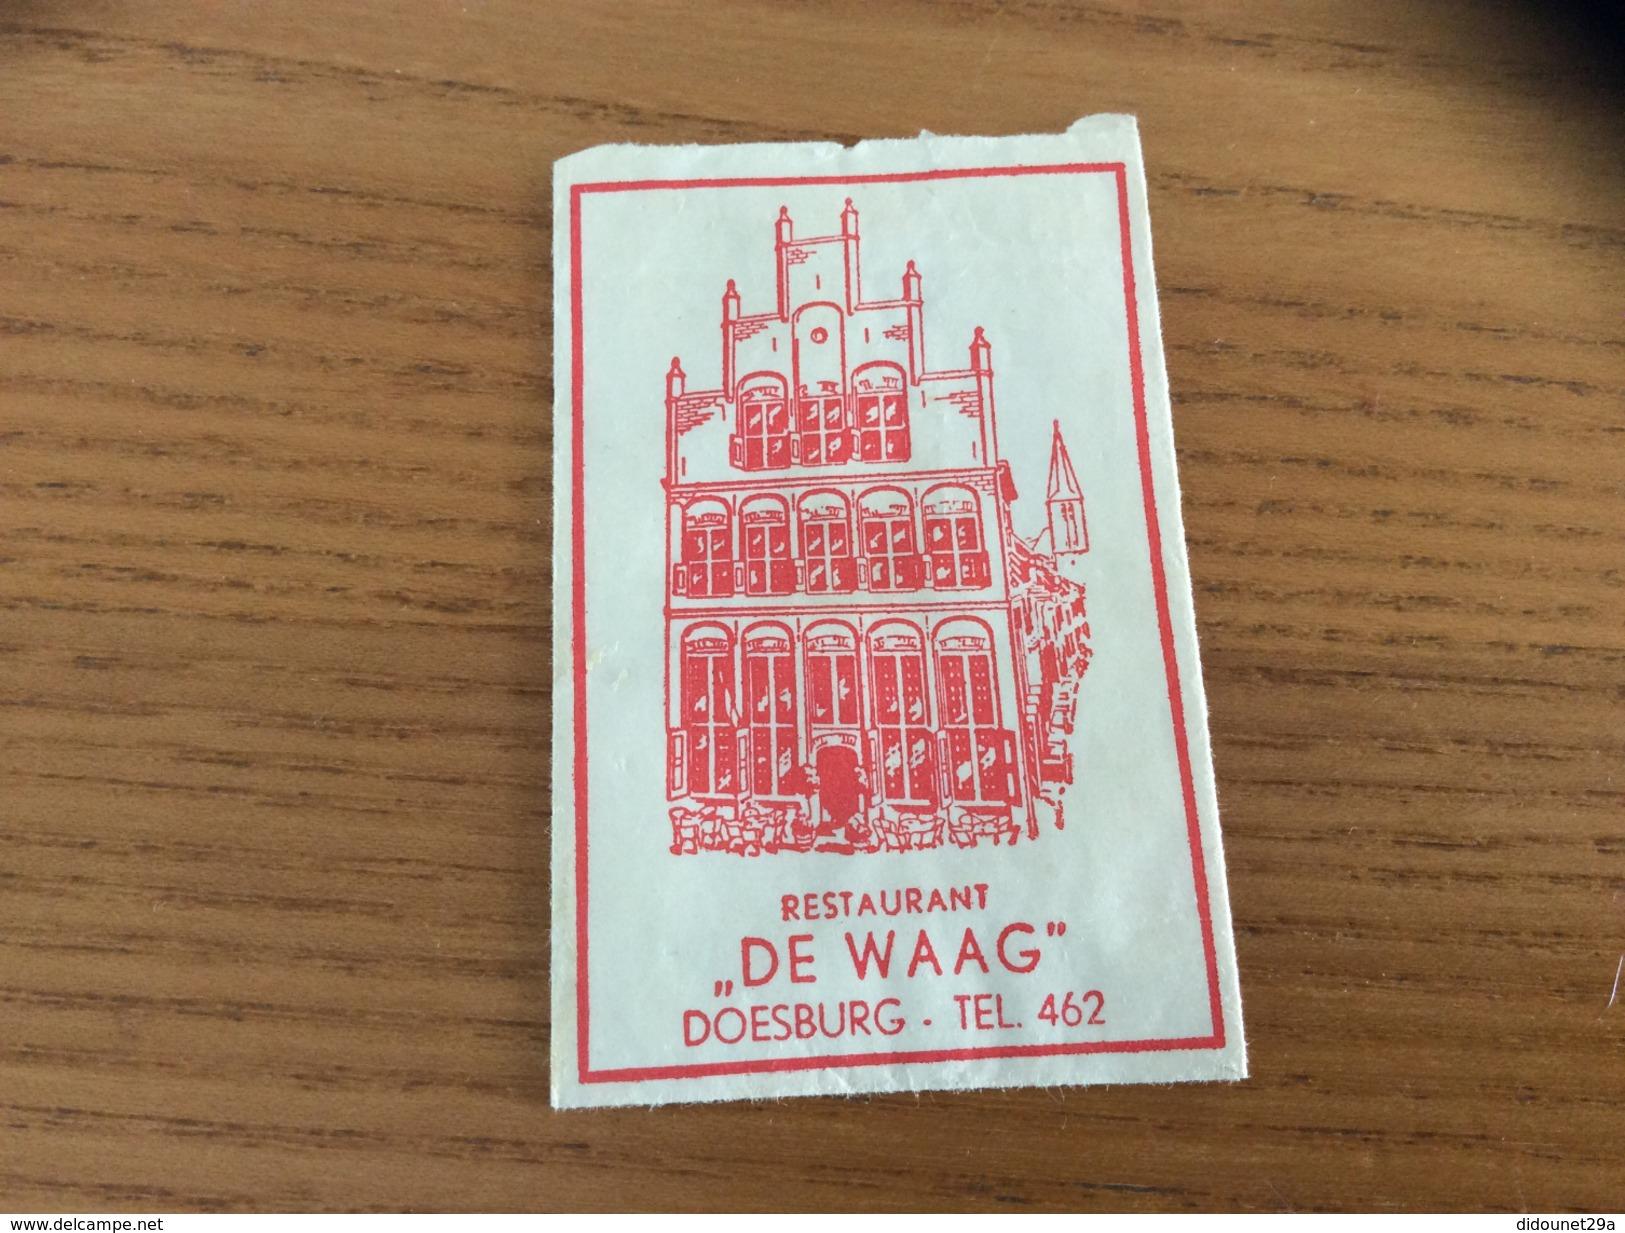 """Ancien Sachet De Sucre Pays-Bas Suiker """"RESTAURANT DE WAAG - DOESBURG"""" Années 60 - Sucres"""